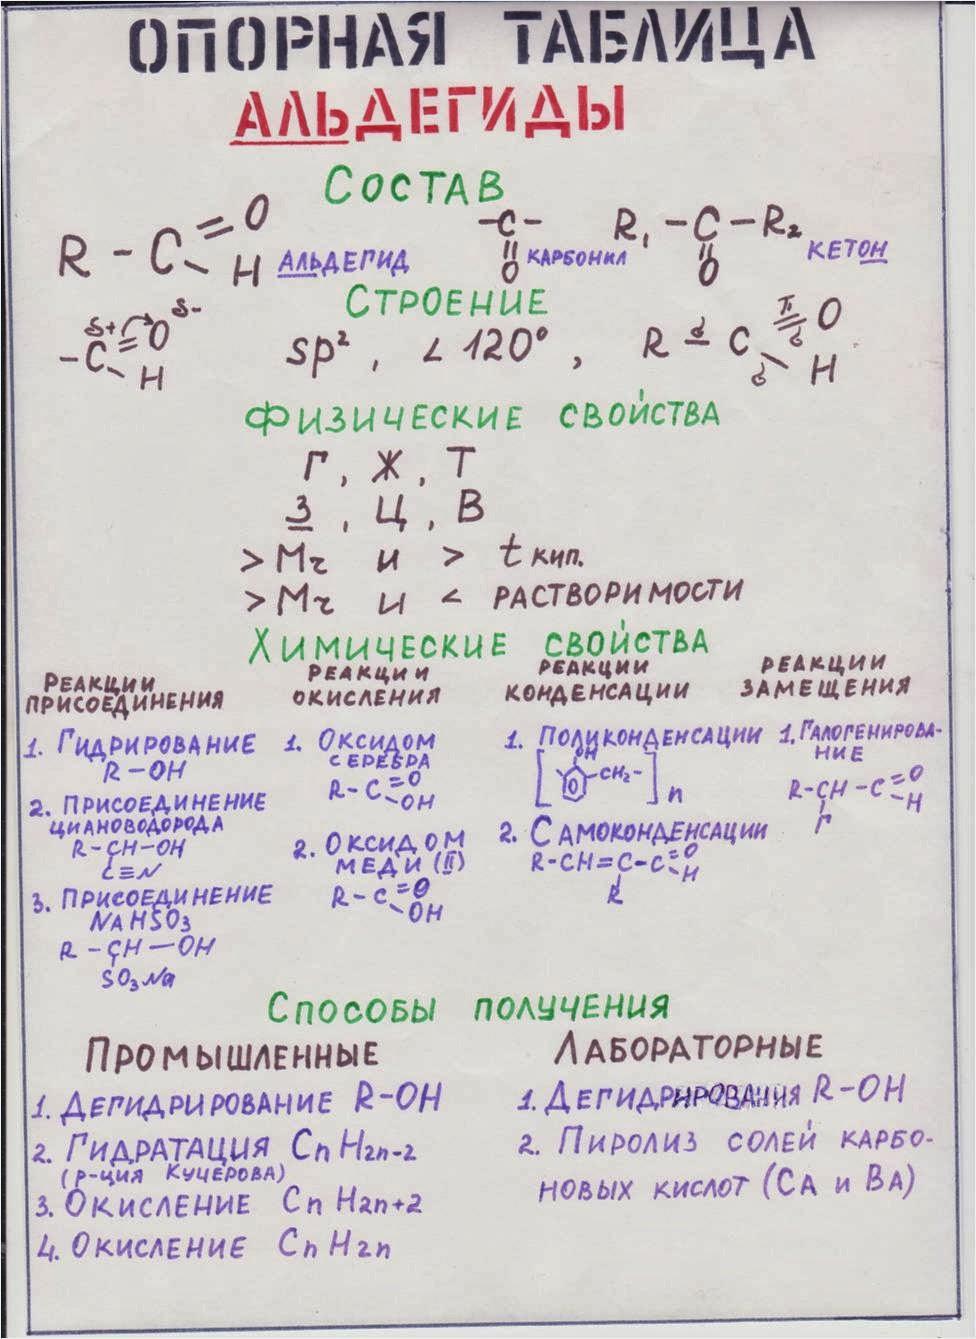 Химические свойства альдегидов Химия Четвёртый год изучения  Химические свойства альдегидов